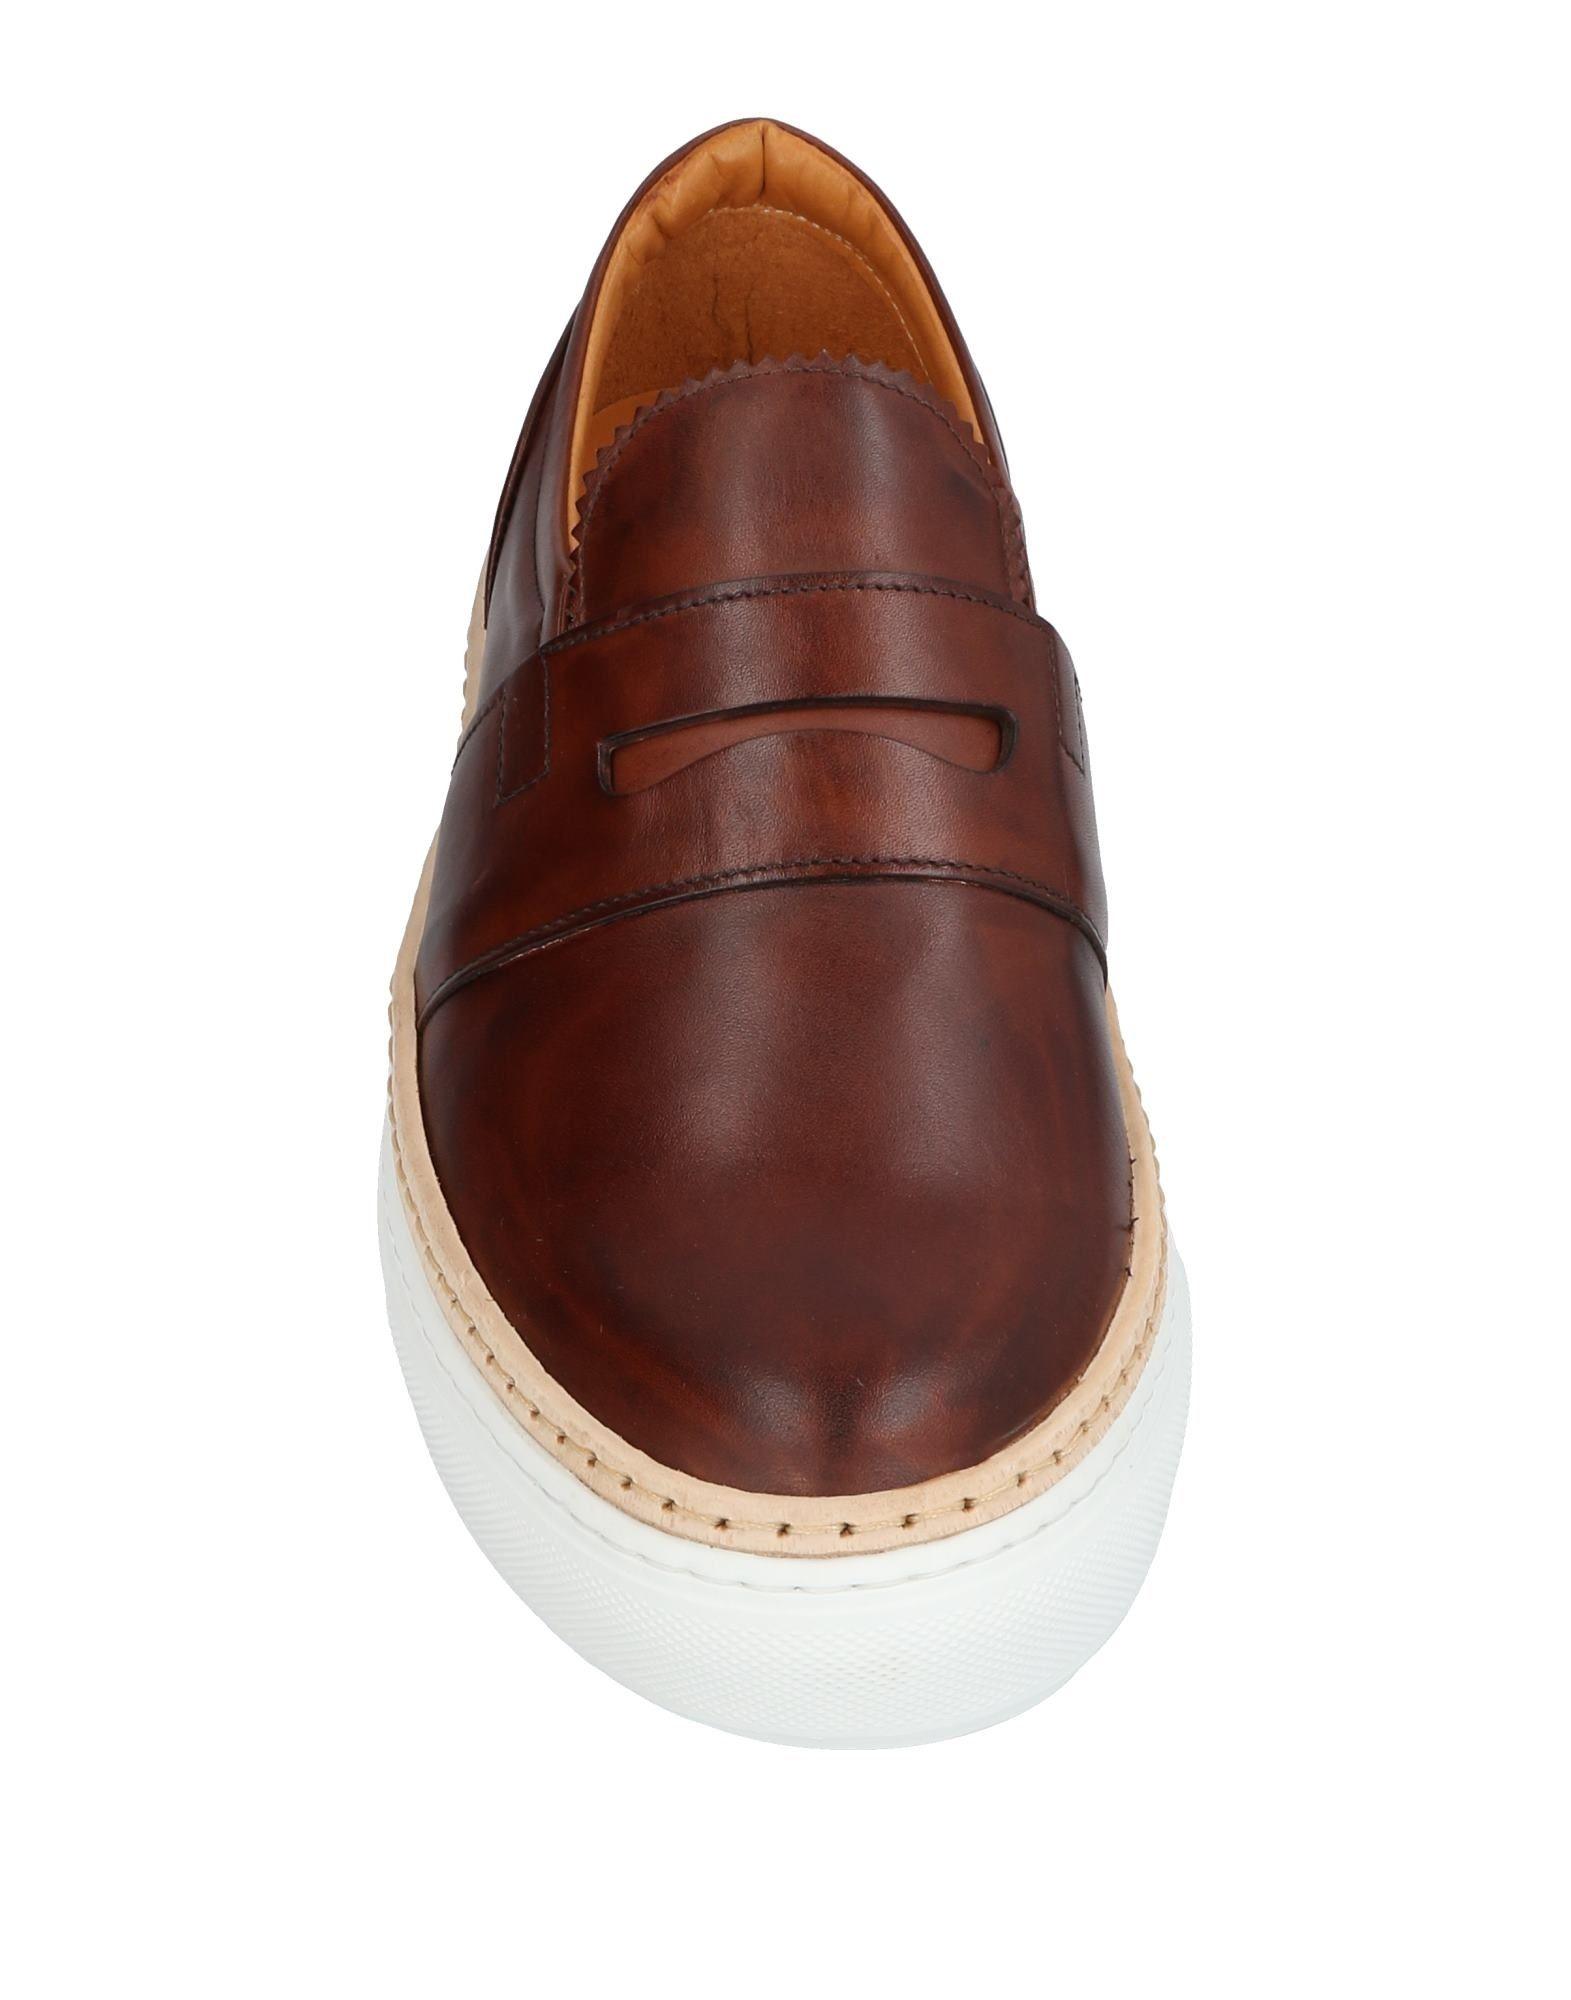 Pantofola Mokassins D'oro Mokassins Pantofola Herren Gutes Preis-Leistungs-Verhältnis, es lohnt sich d1f055